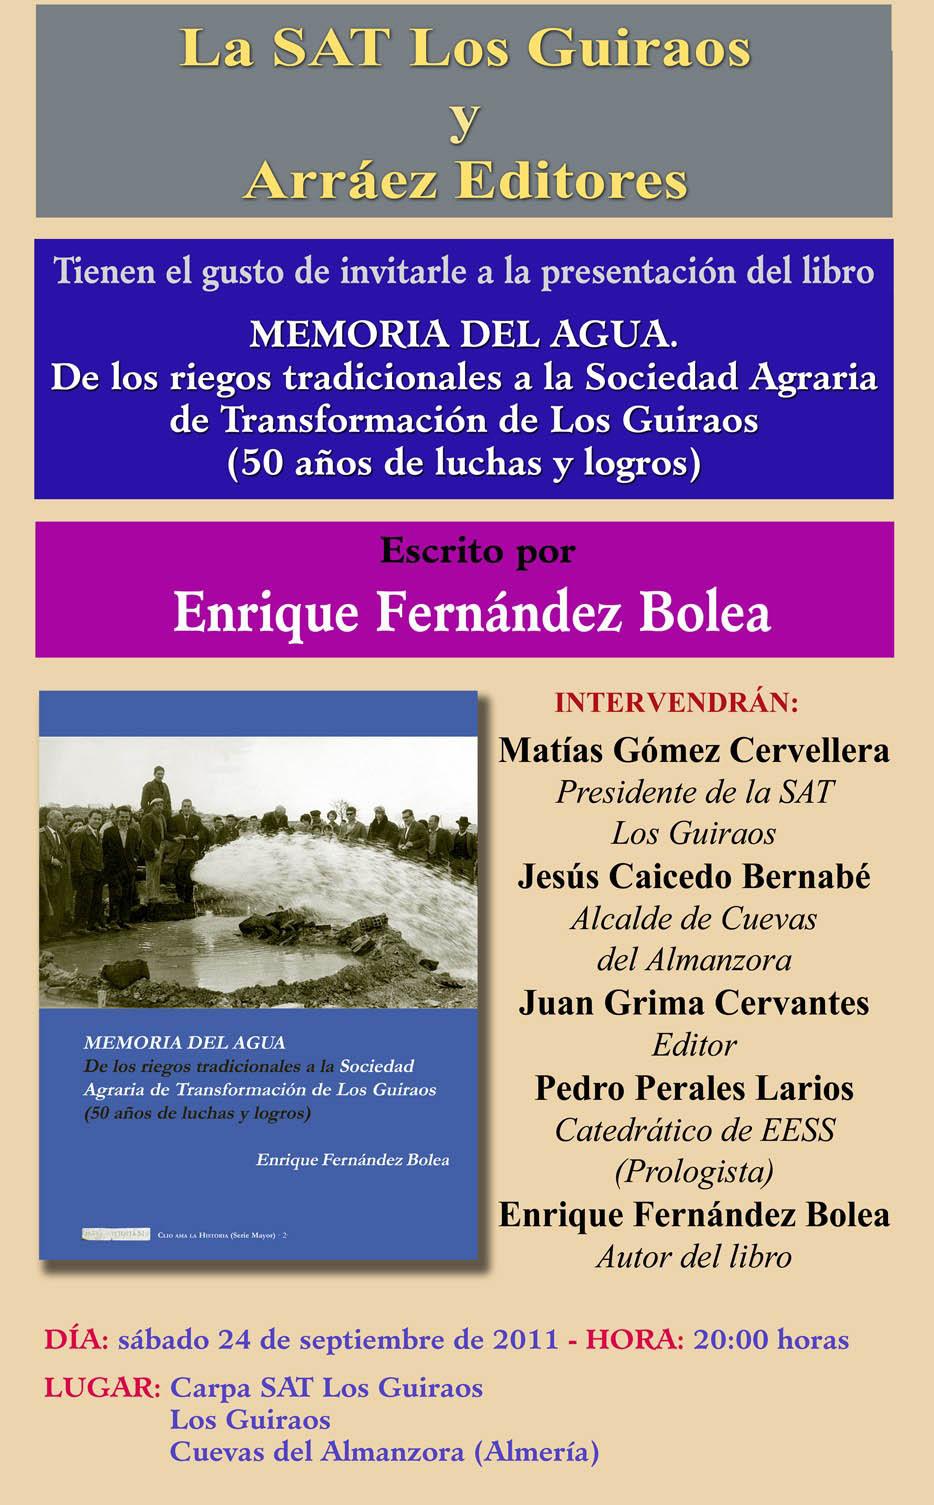 """PRESENTACIÓN LIBRO: """"Memoria del agua. De los riegos tradicionales a la Sociedad Agraria de Transformación de los Guiraos (50 años de luchas y logros)"""""""